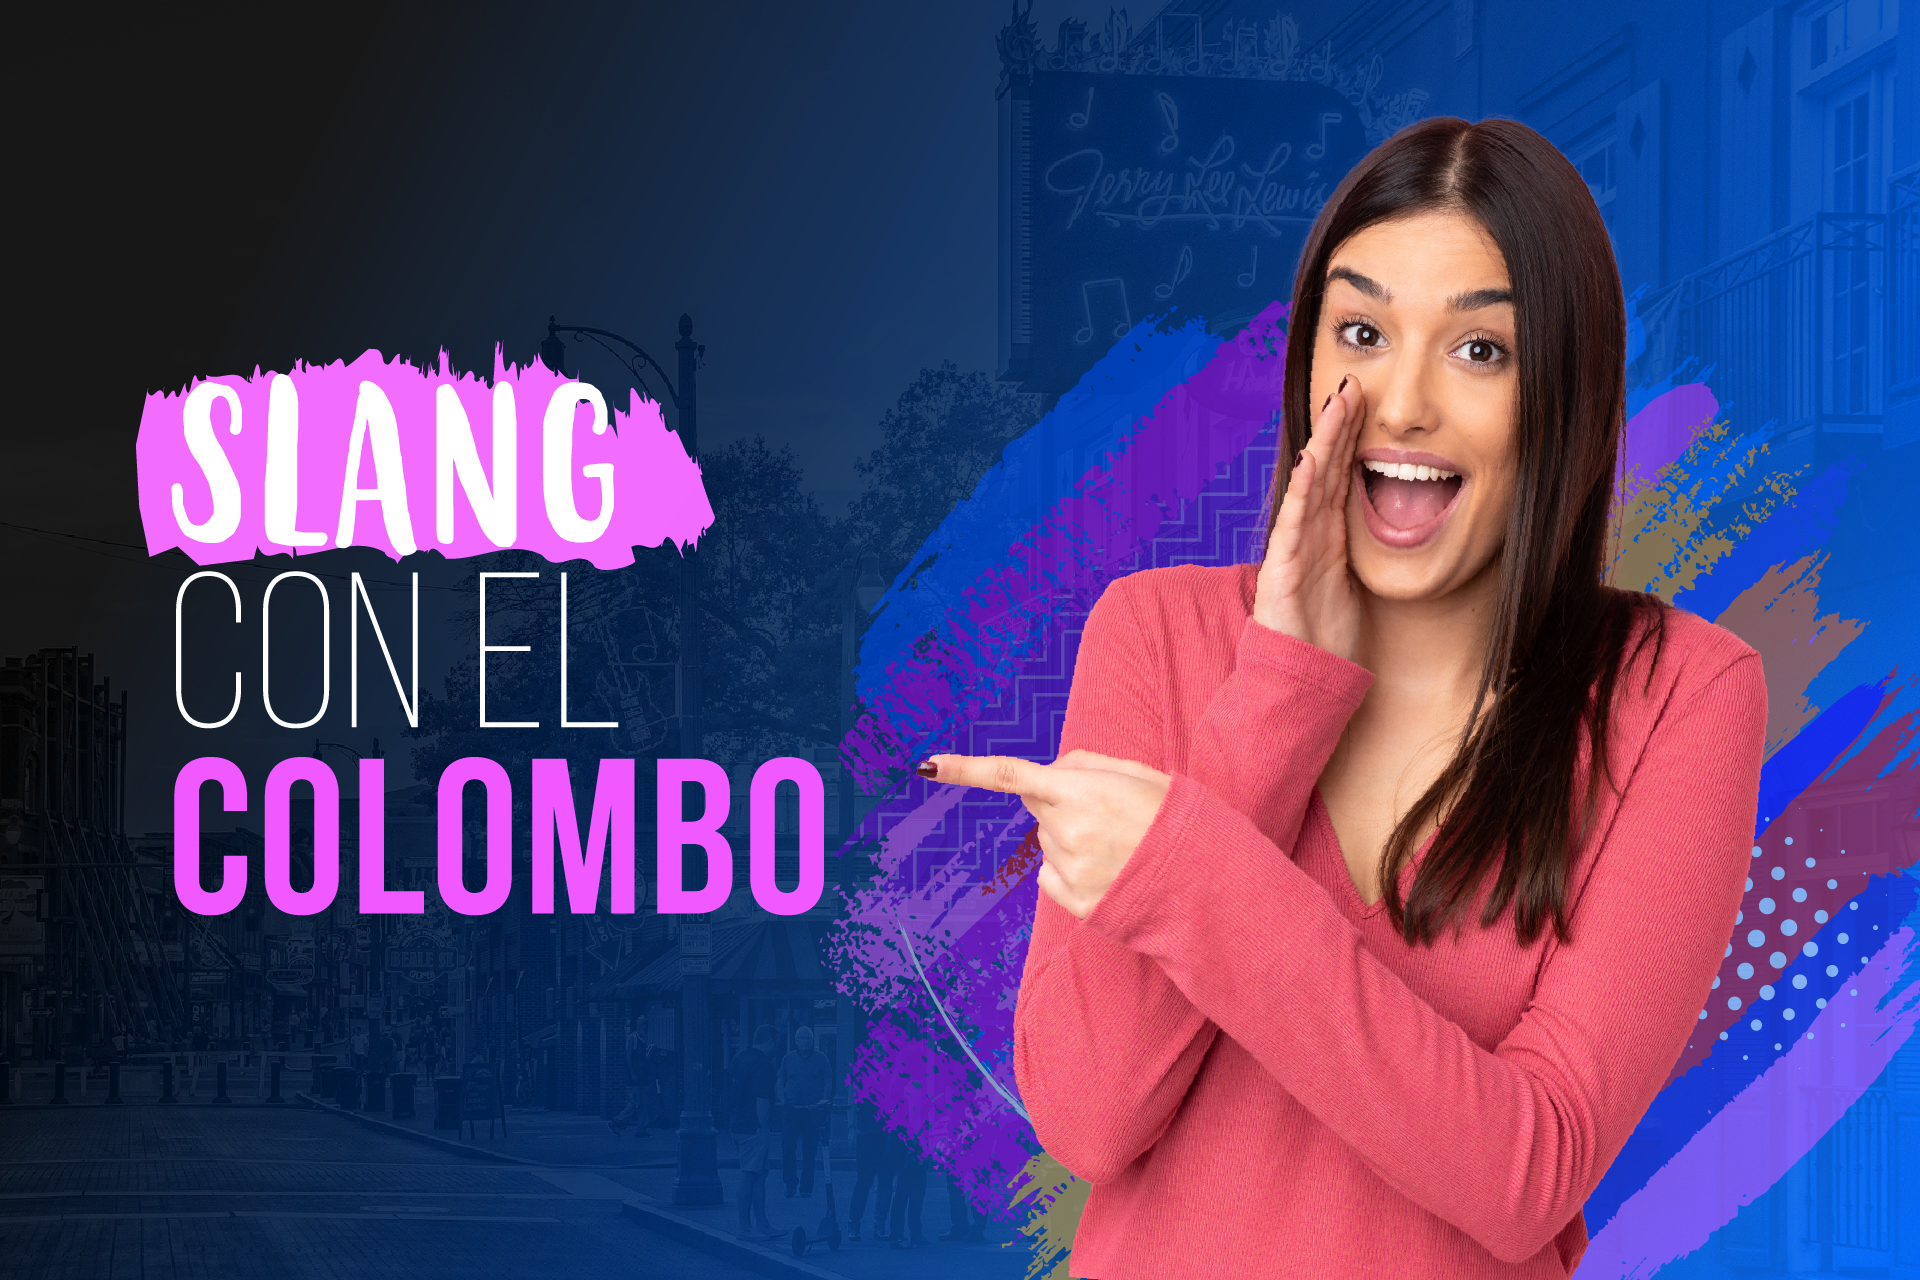 Slang con el Colombo